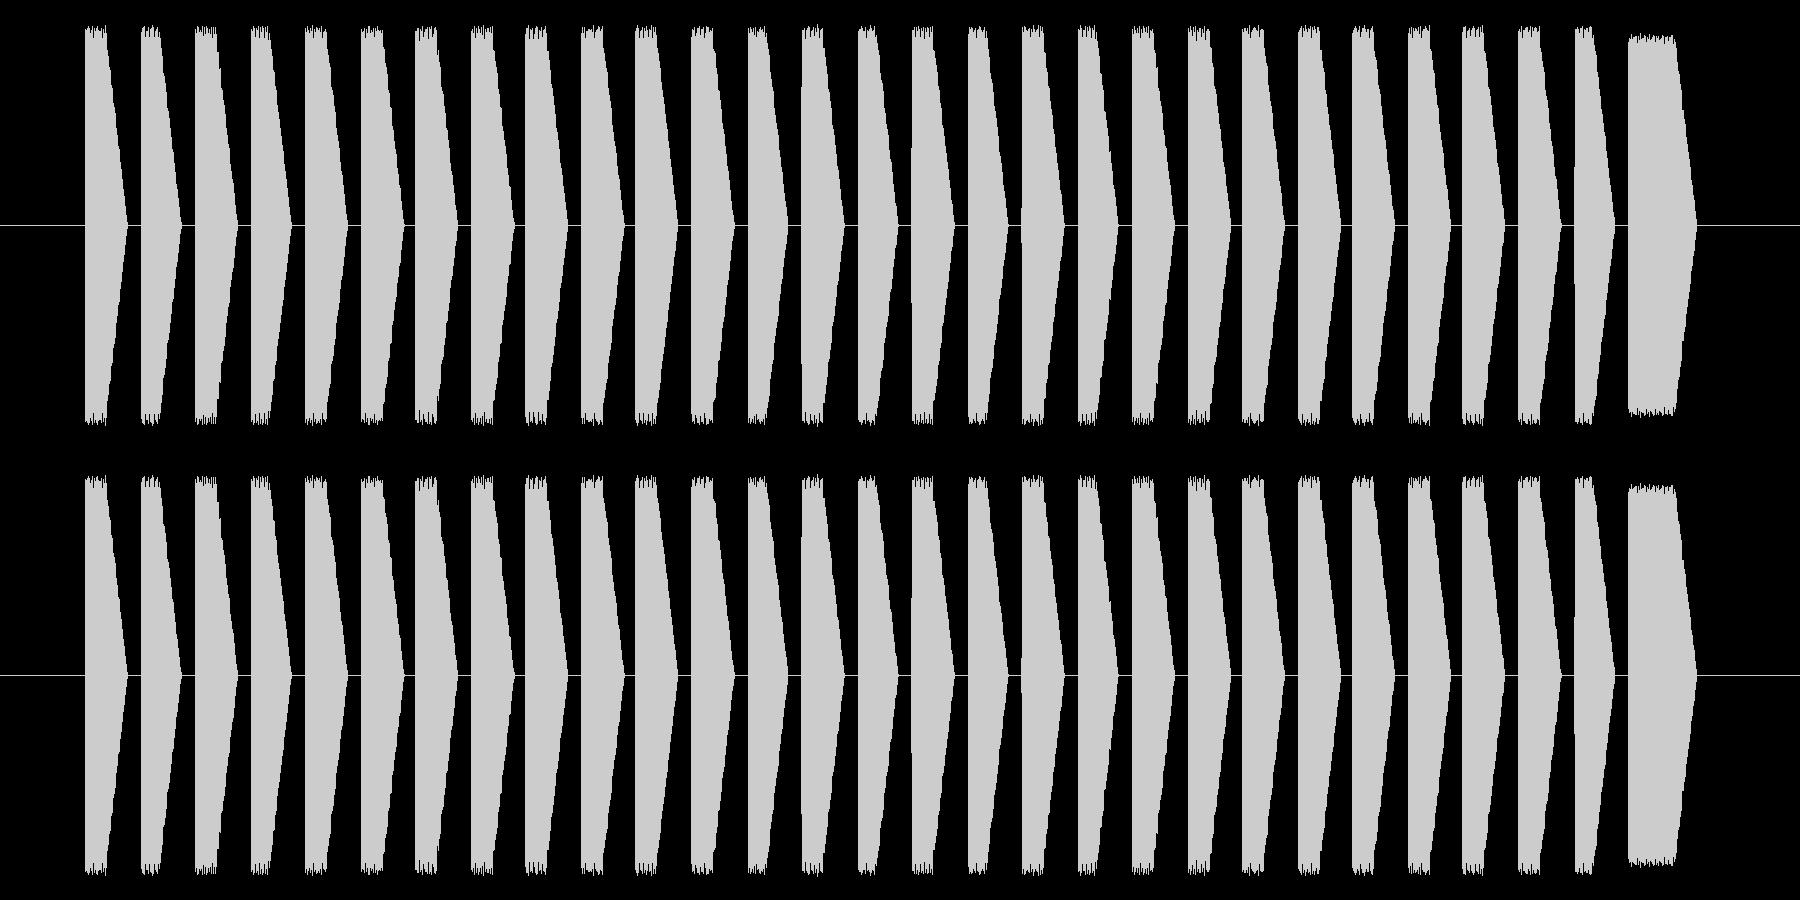 NES シューティング01-9(スコア)の未再生の波形